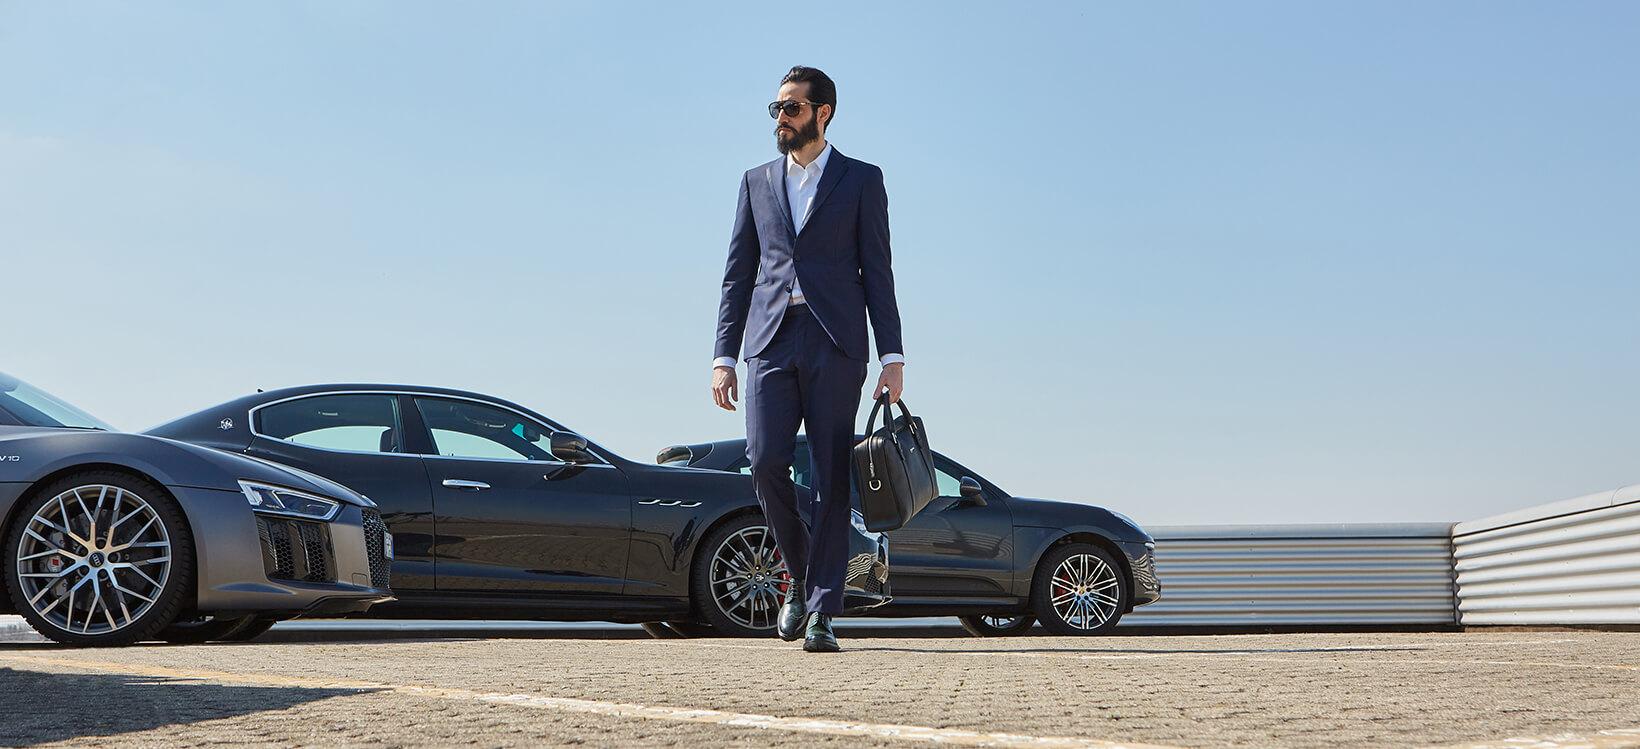 Francesine Brogue in pelle di vitello colore verde smeraldo e borsa da lavoro in pelle nera con dettagli argentati indossate da un uomo vestito elegante in piedi mentre cammina